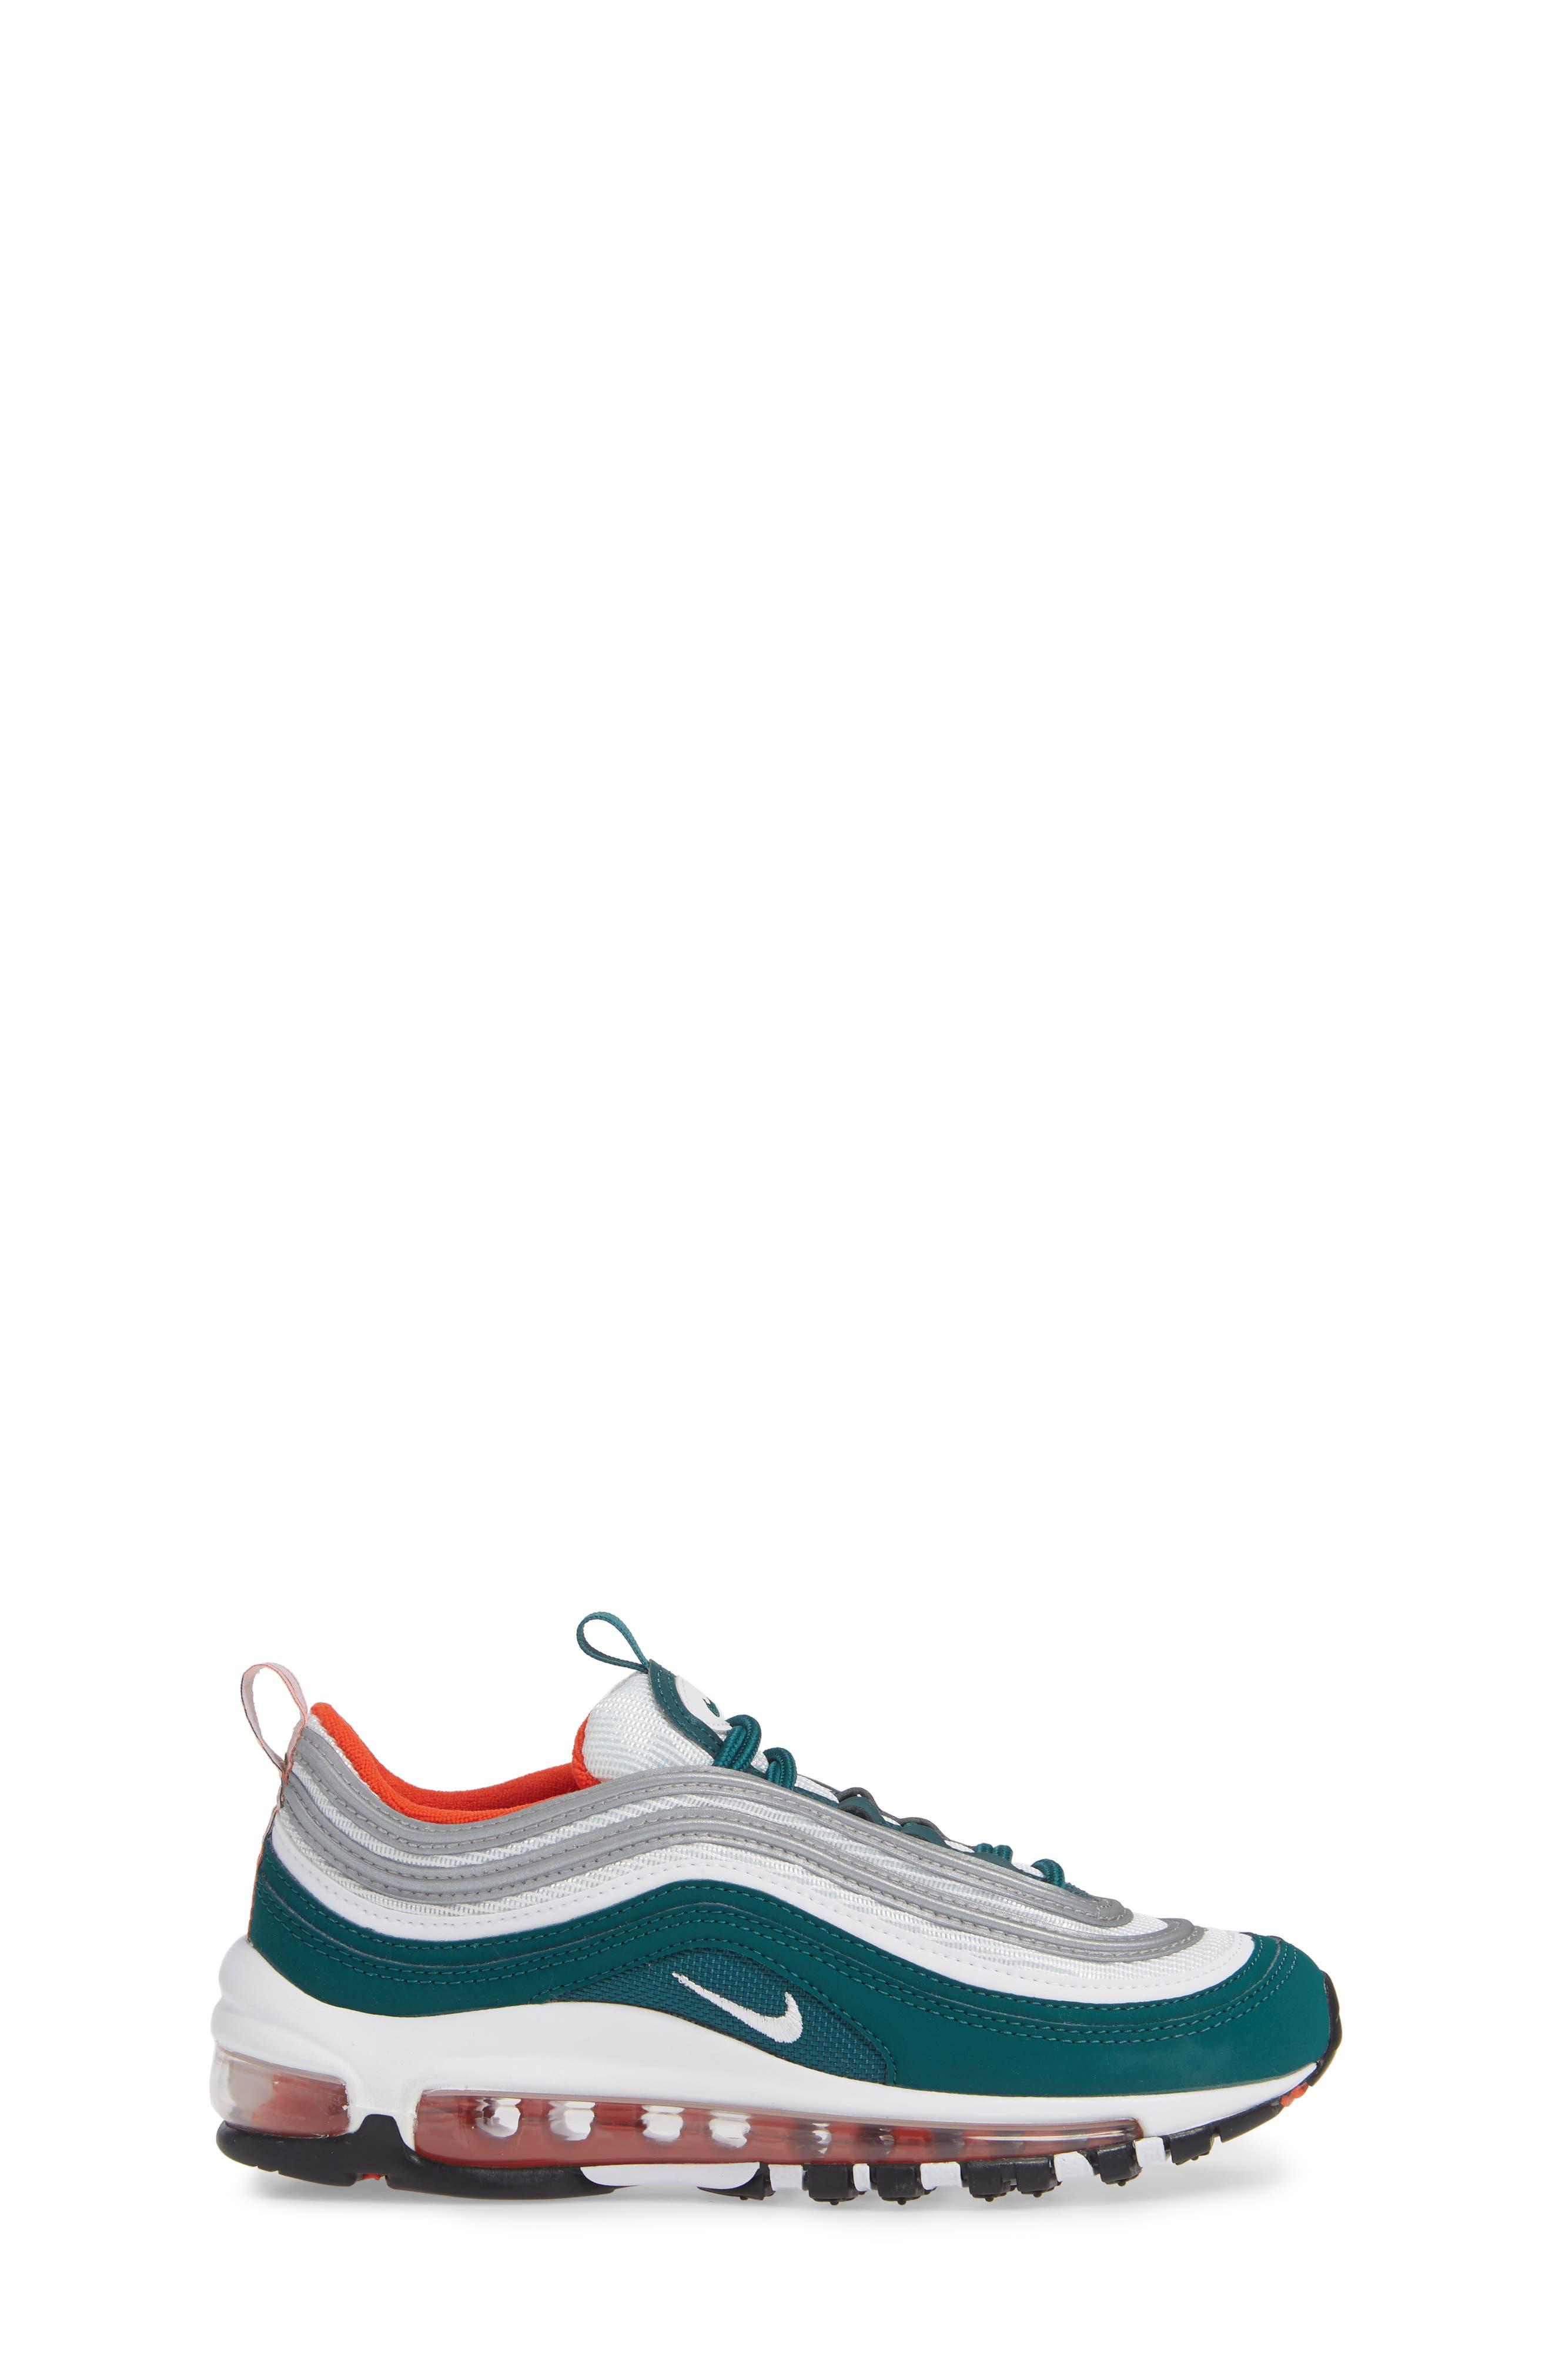 NIKE,                             Air Max 97 Sneaker,                             Alternate thumbnail 3, color,                             RAINFOREST/ WHITE/ ORANGE